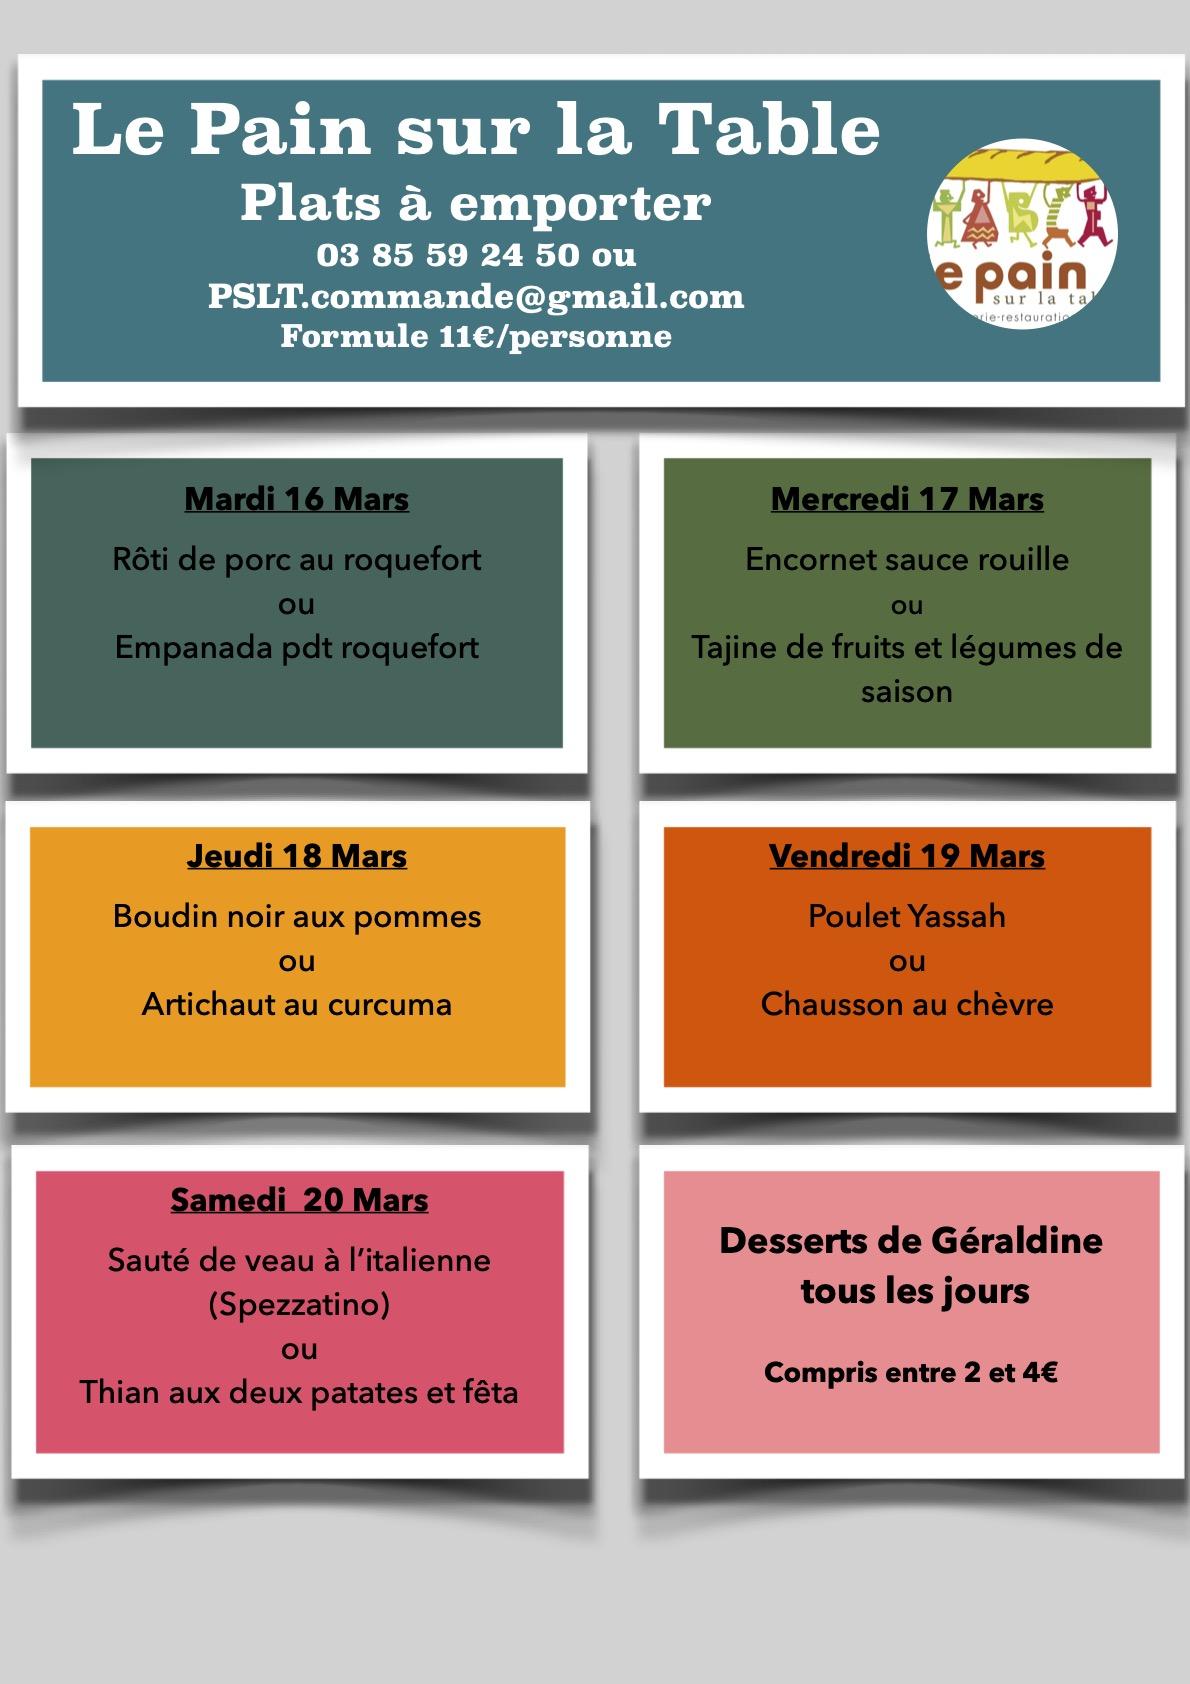 Les Menus de la semaine du 16 au 20 Mars 2021